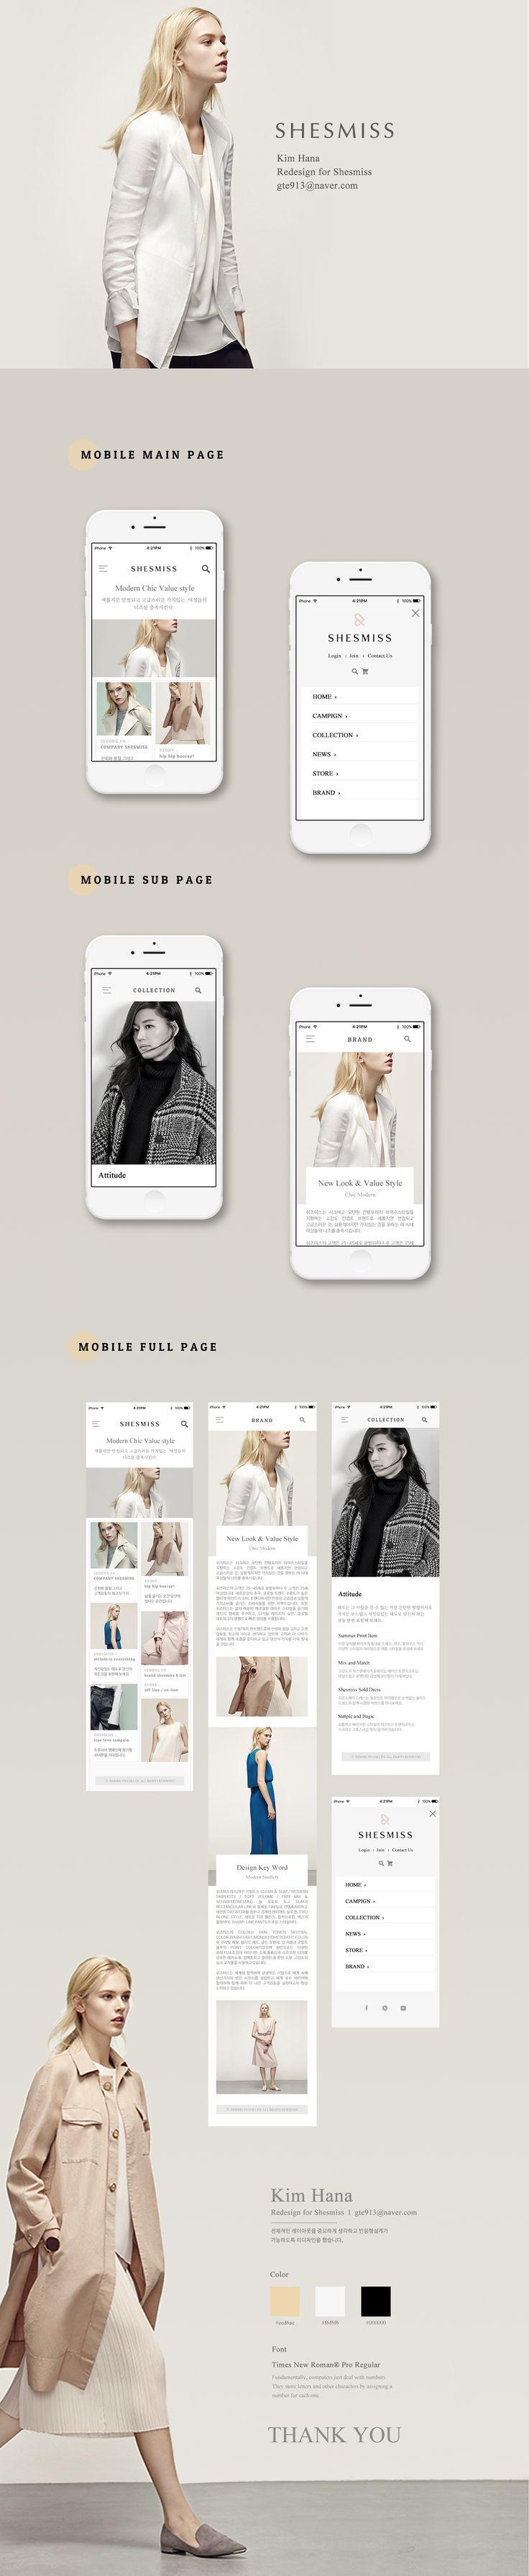 욱스웹디자인아카데미-SHESMISS MobileRedesign - Design by Kim-hana